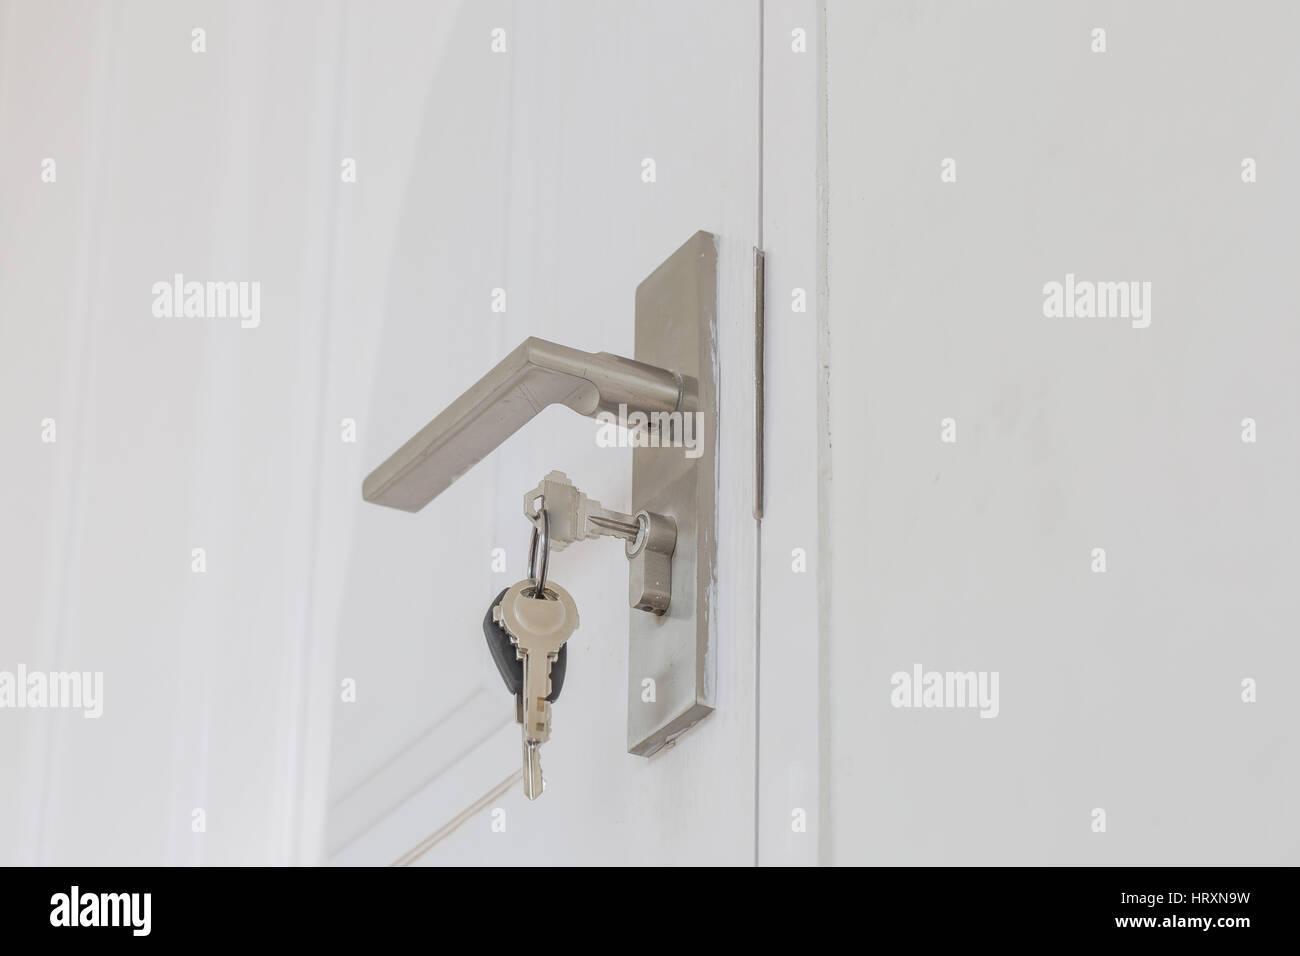 Insertar clave y mantenga en el pomo metálico de puerta blanca horizontal como cerrajero concepto. Foto de stock